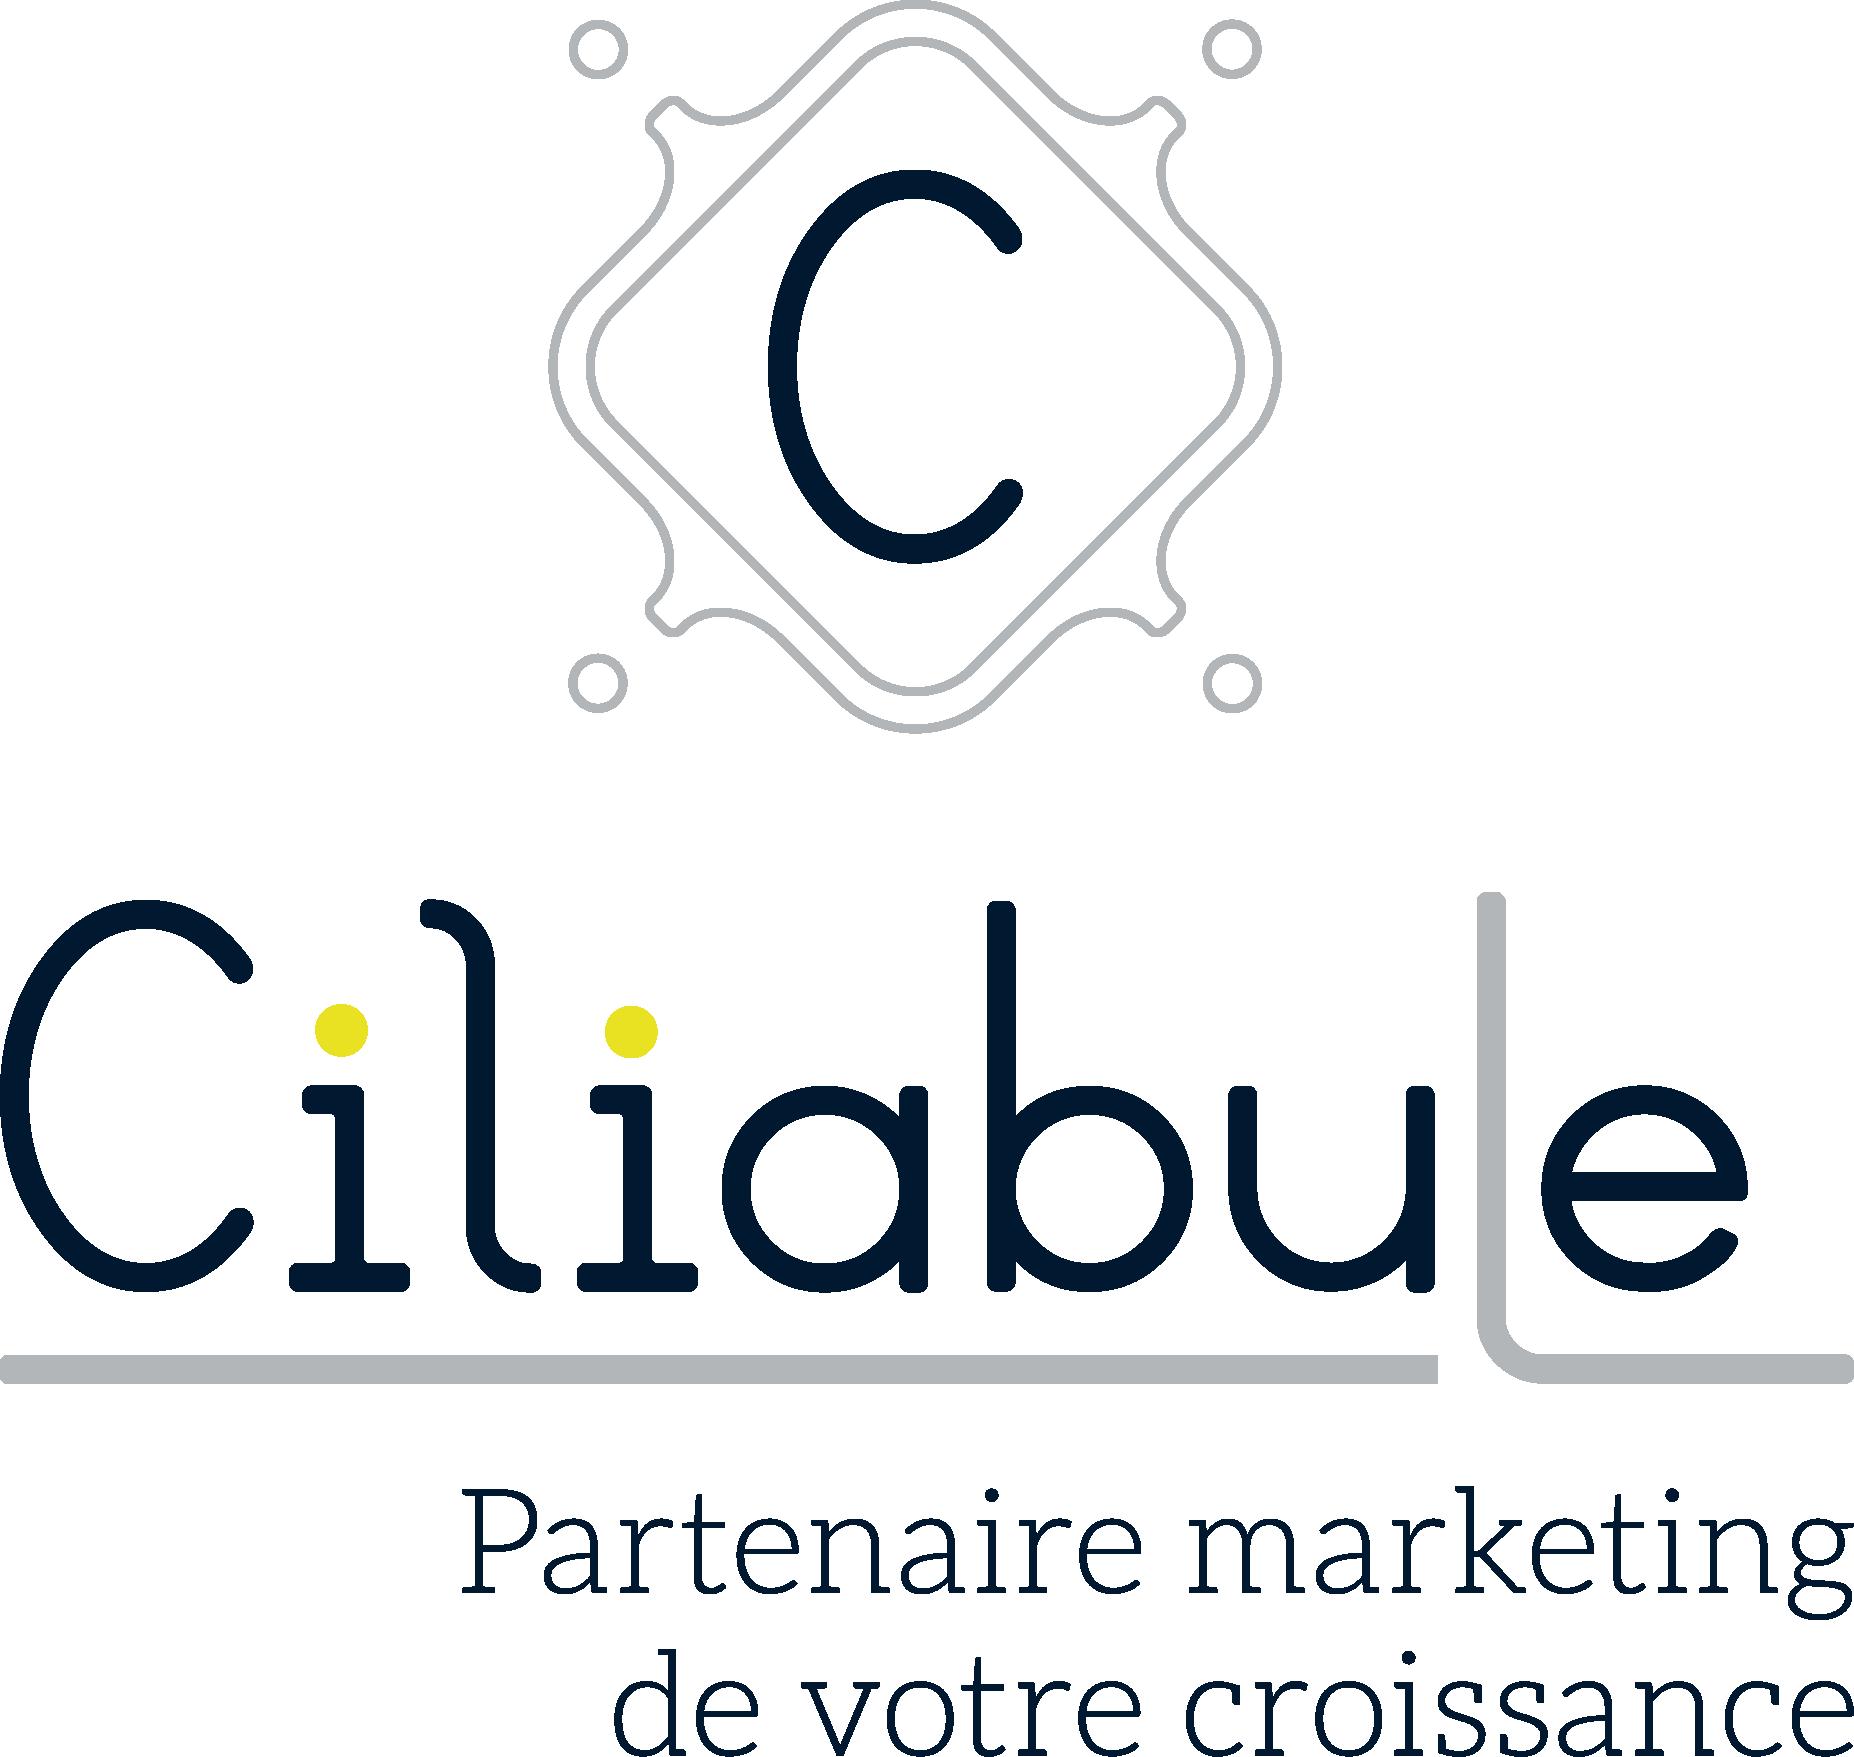 Ciliabule